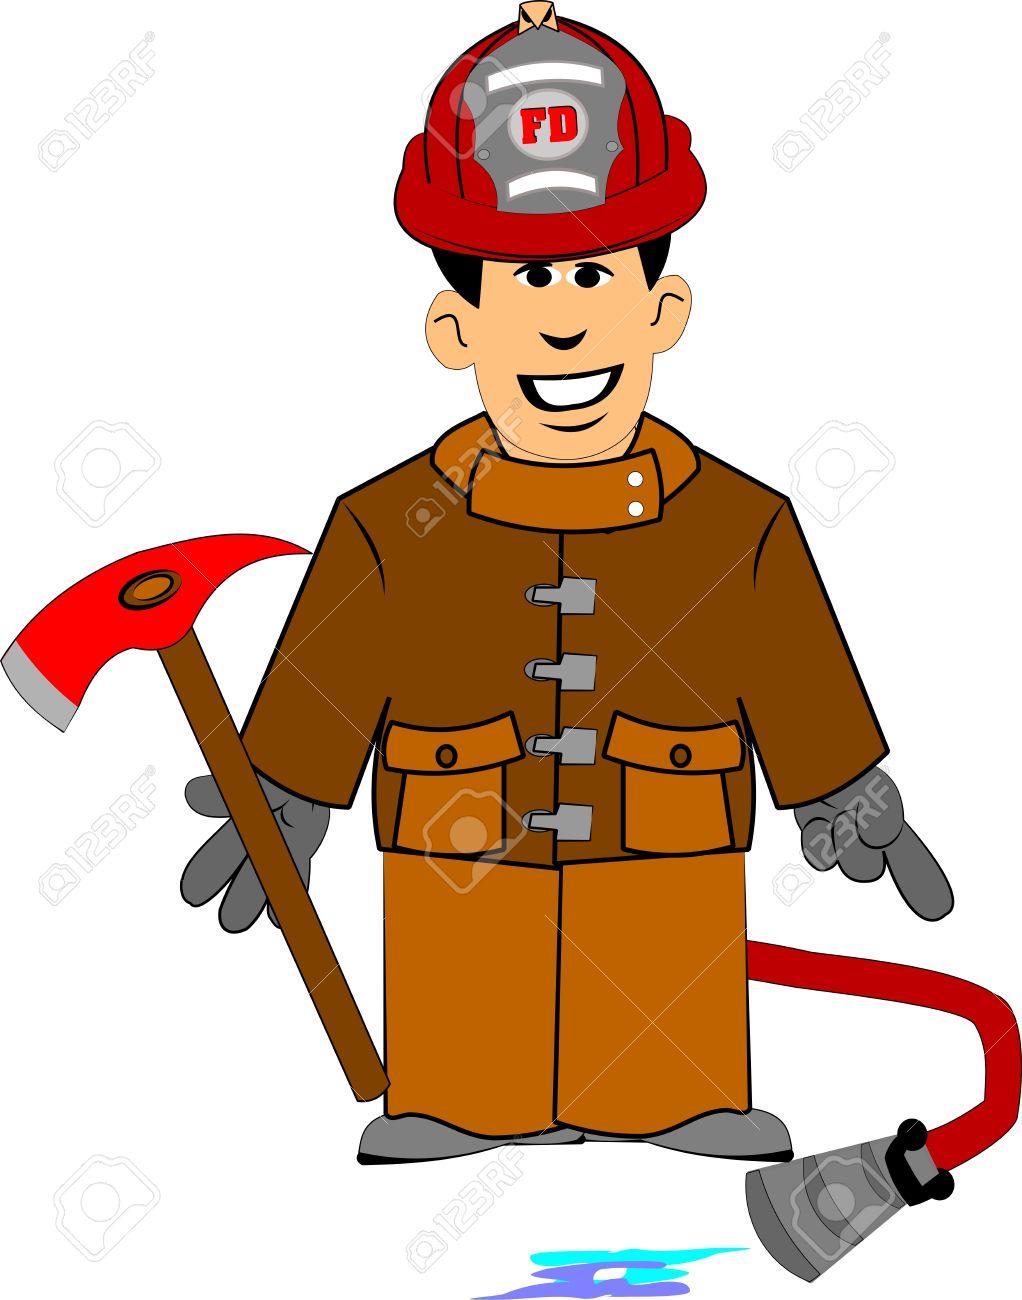 fireman clip art #13   67 Fireman Clipart   Clipart Fans